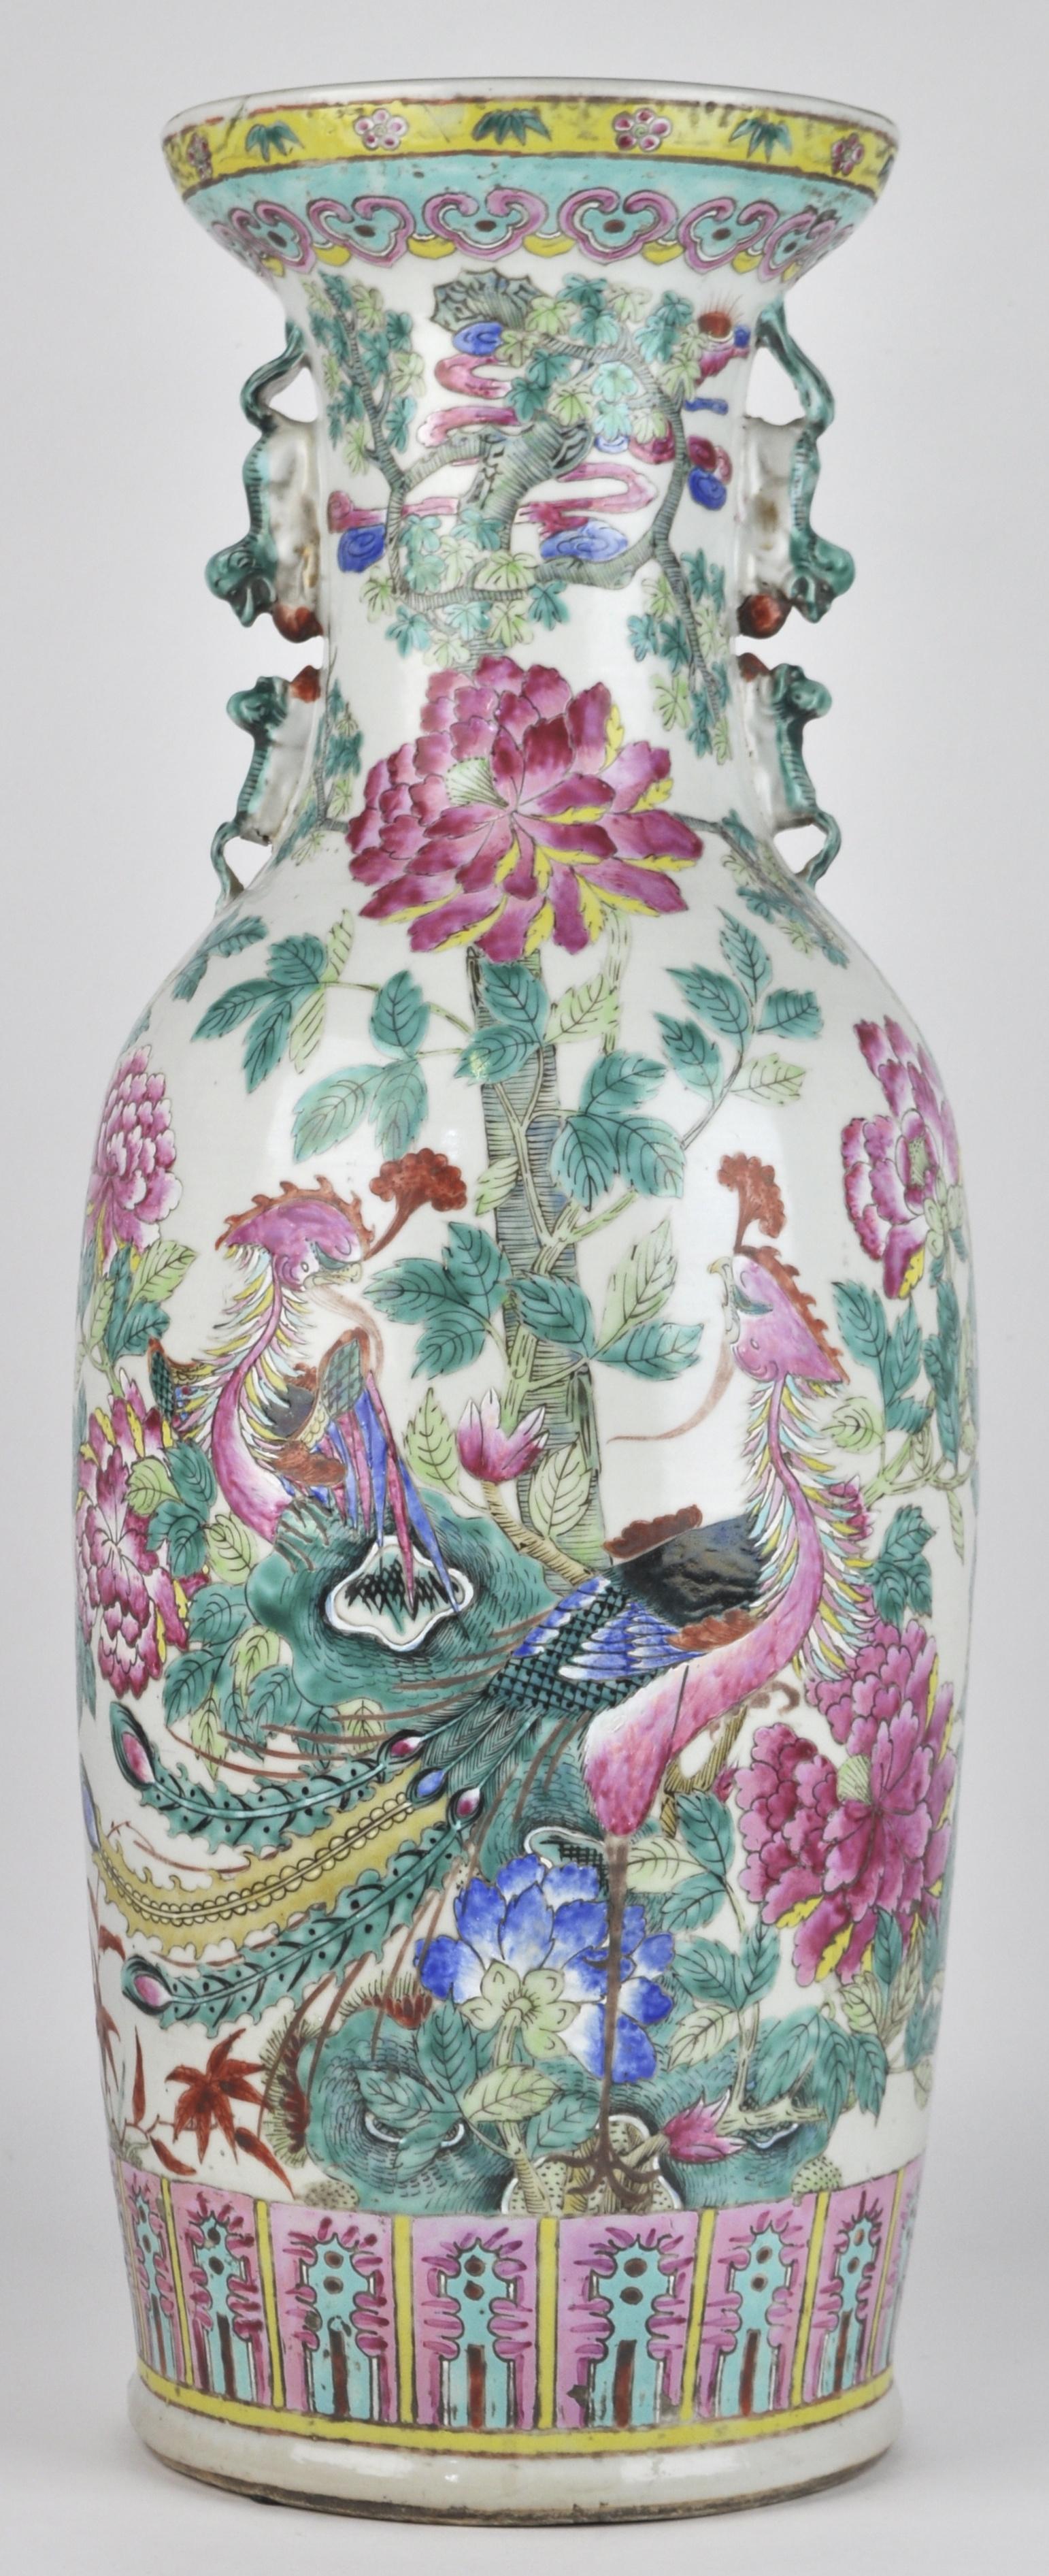 Een balustervaas van Chinees porselein met een famille-rosedecor van paradijsvogels en pieonrozen. XIXe eeuw.